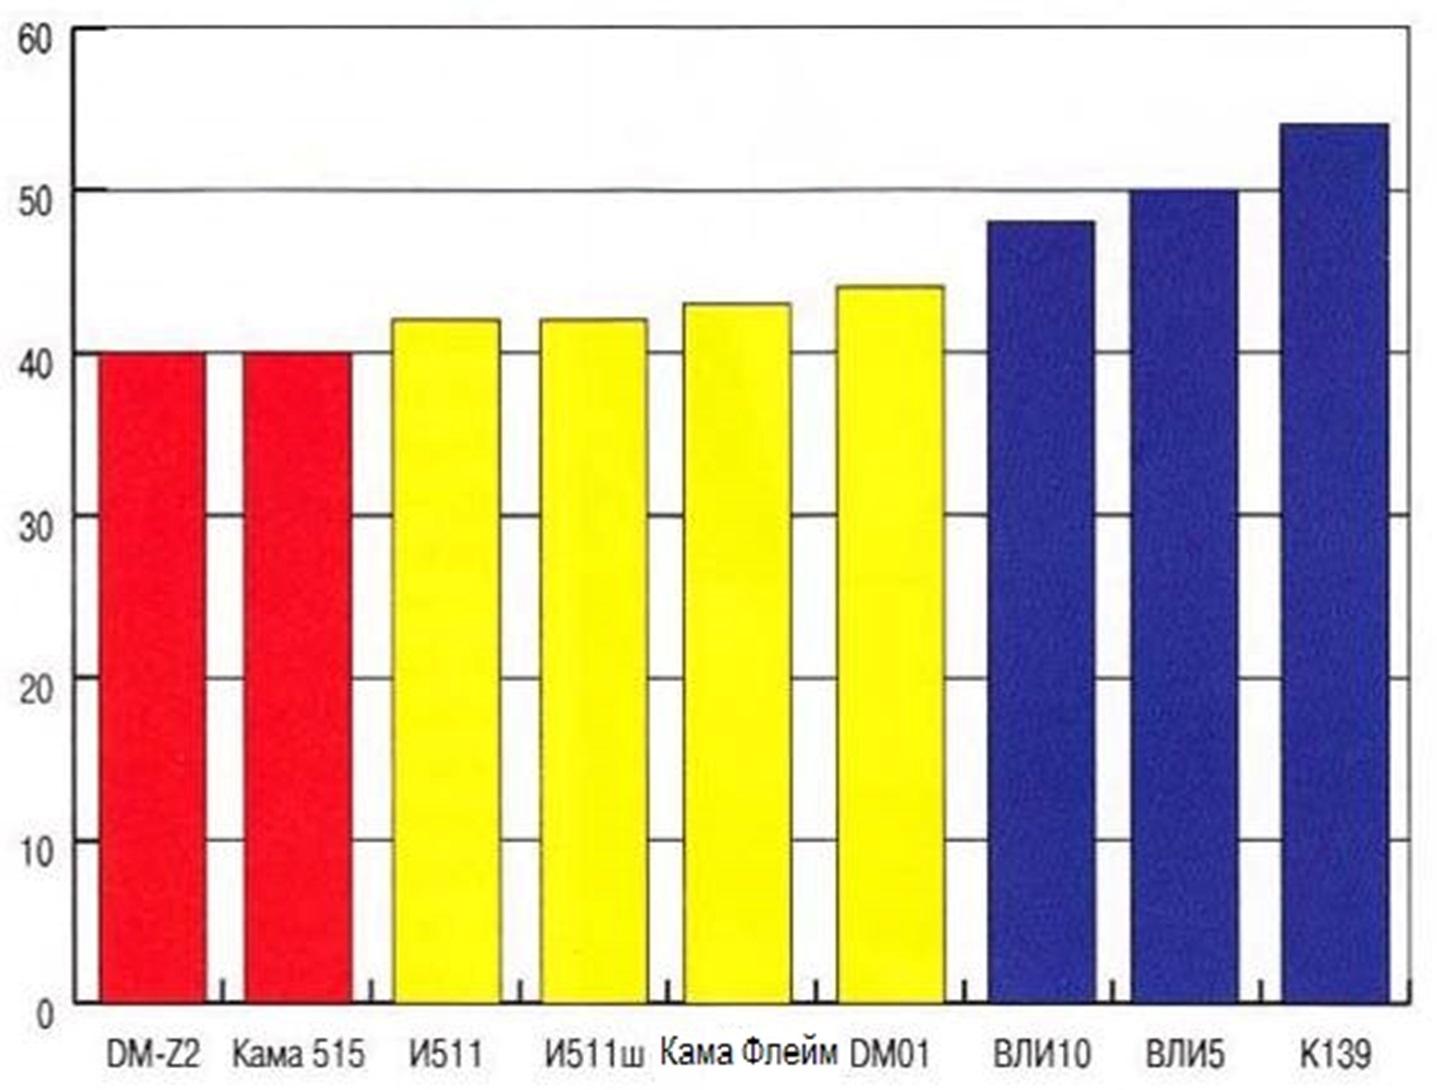 Результаты испытаний на величину тормозного пути шин Кама Флейм